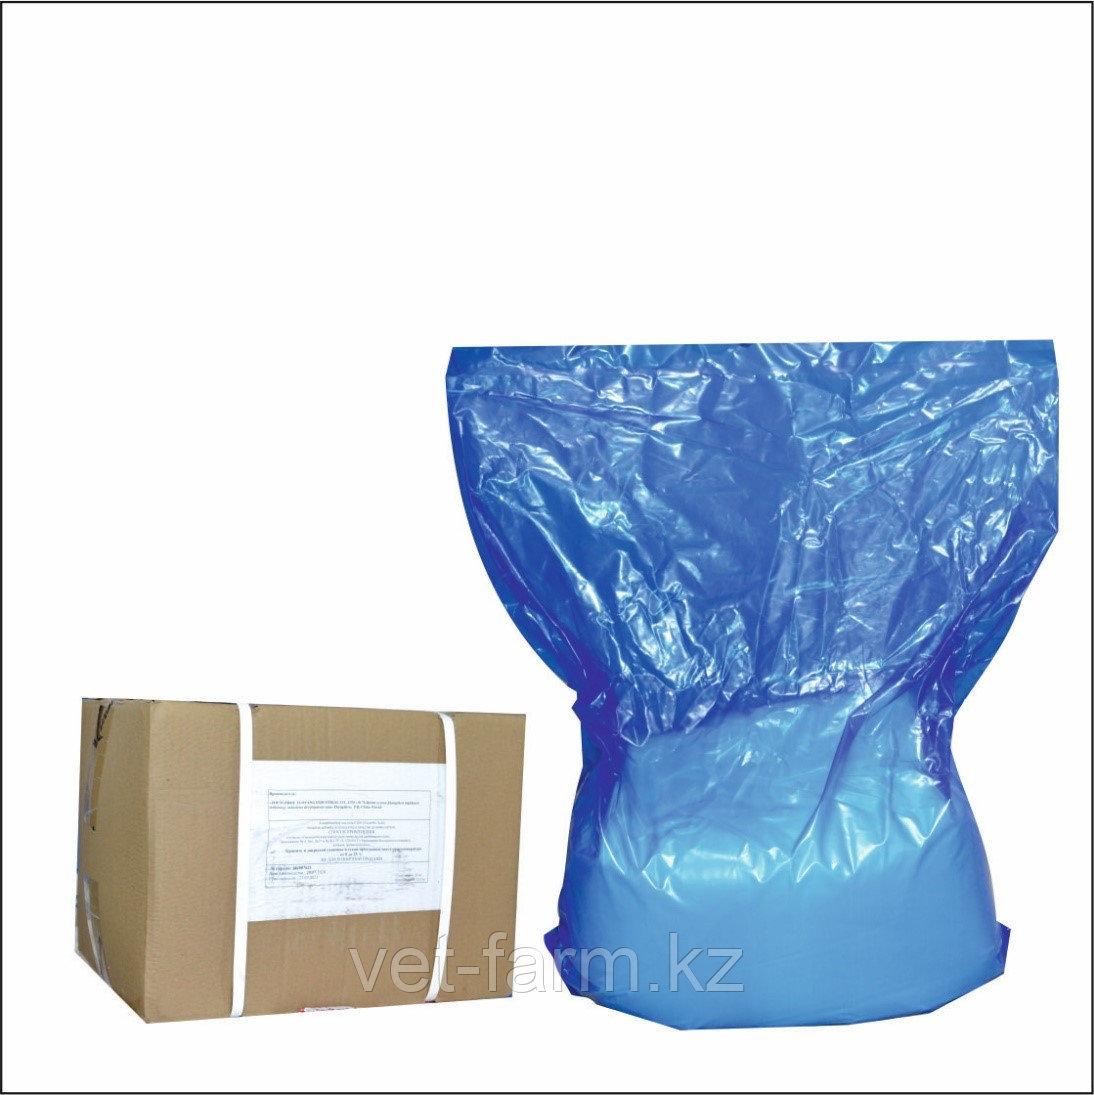 Аскорбиновая кислота Е300 (Ascorbie Acid) пищевая добавка 1 кг